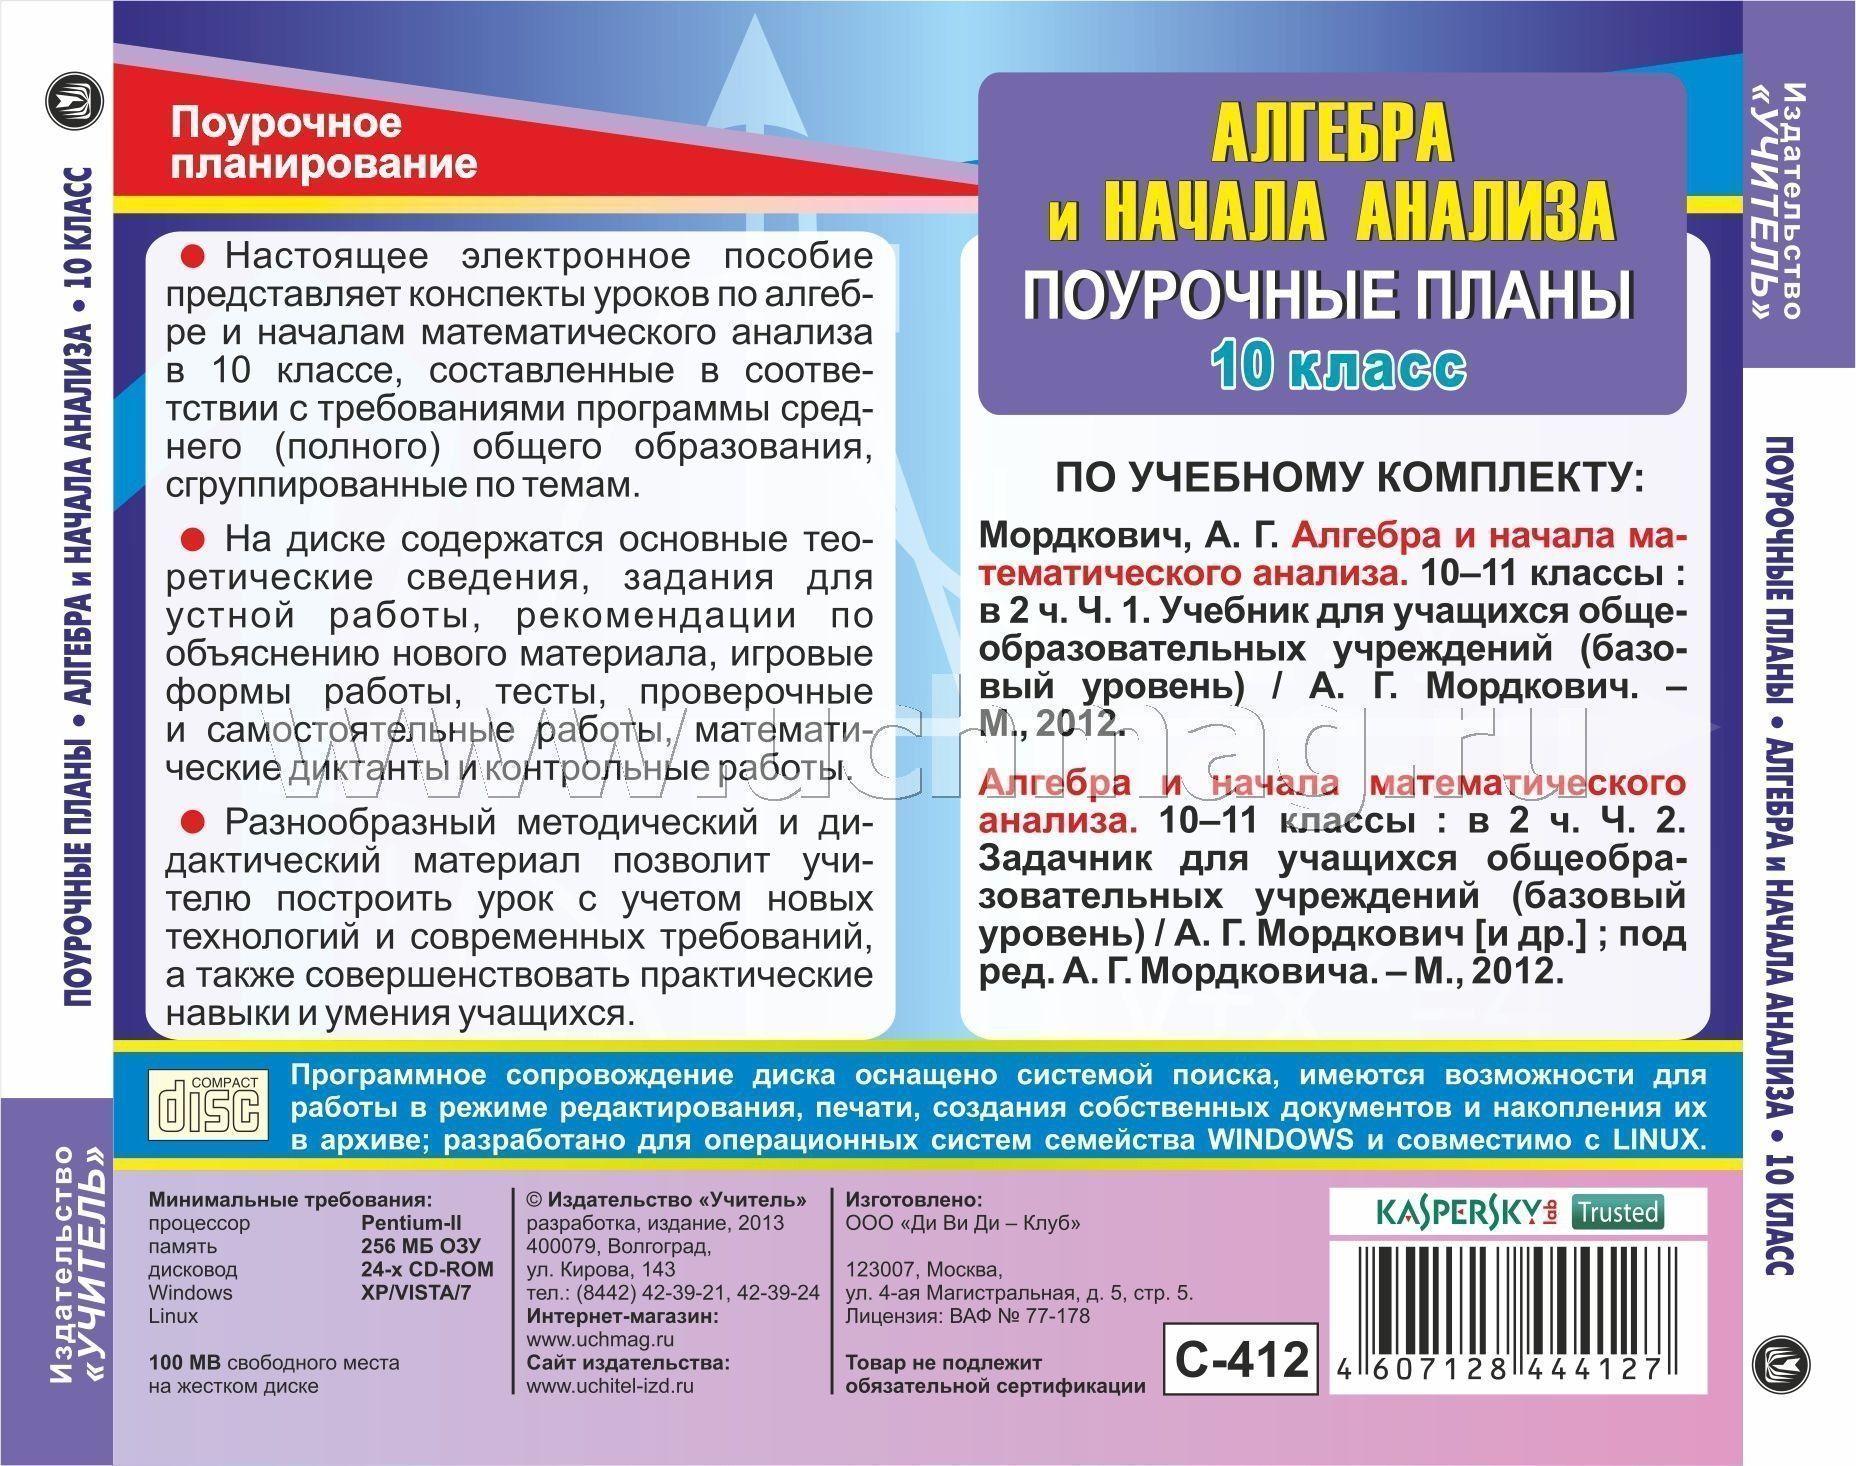 Гдз по русскому языку разумовская и леканта скачать бесплатно для 7 класса